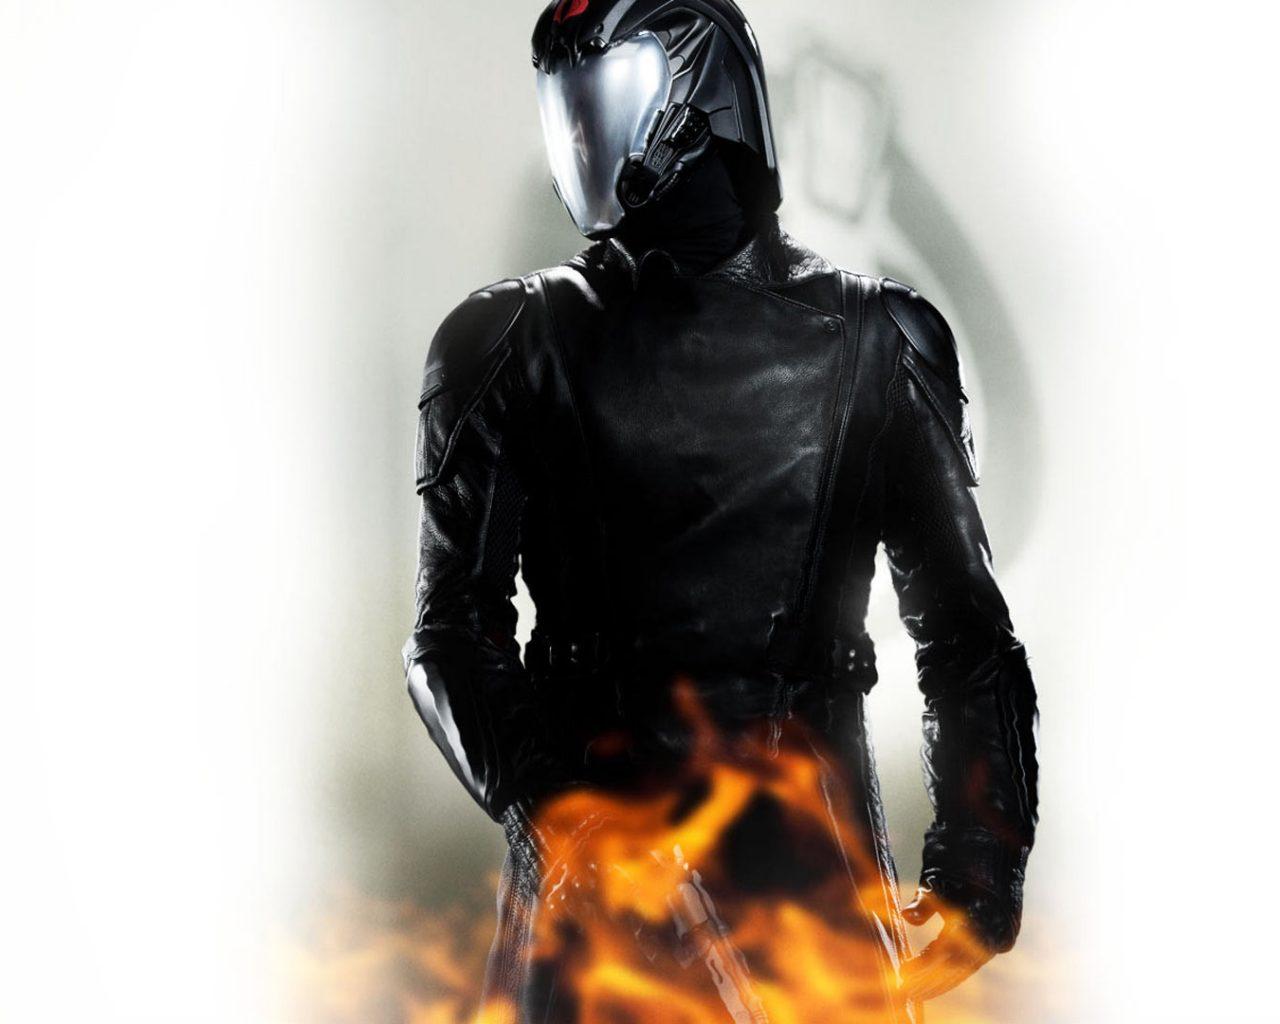 G I Joe Retaliation 2013 Cobra Commander Hd Wallpaper